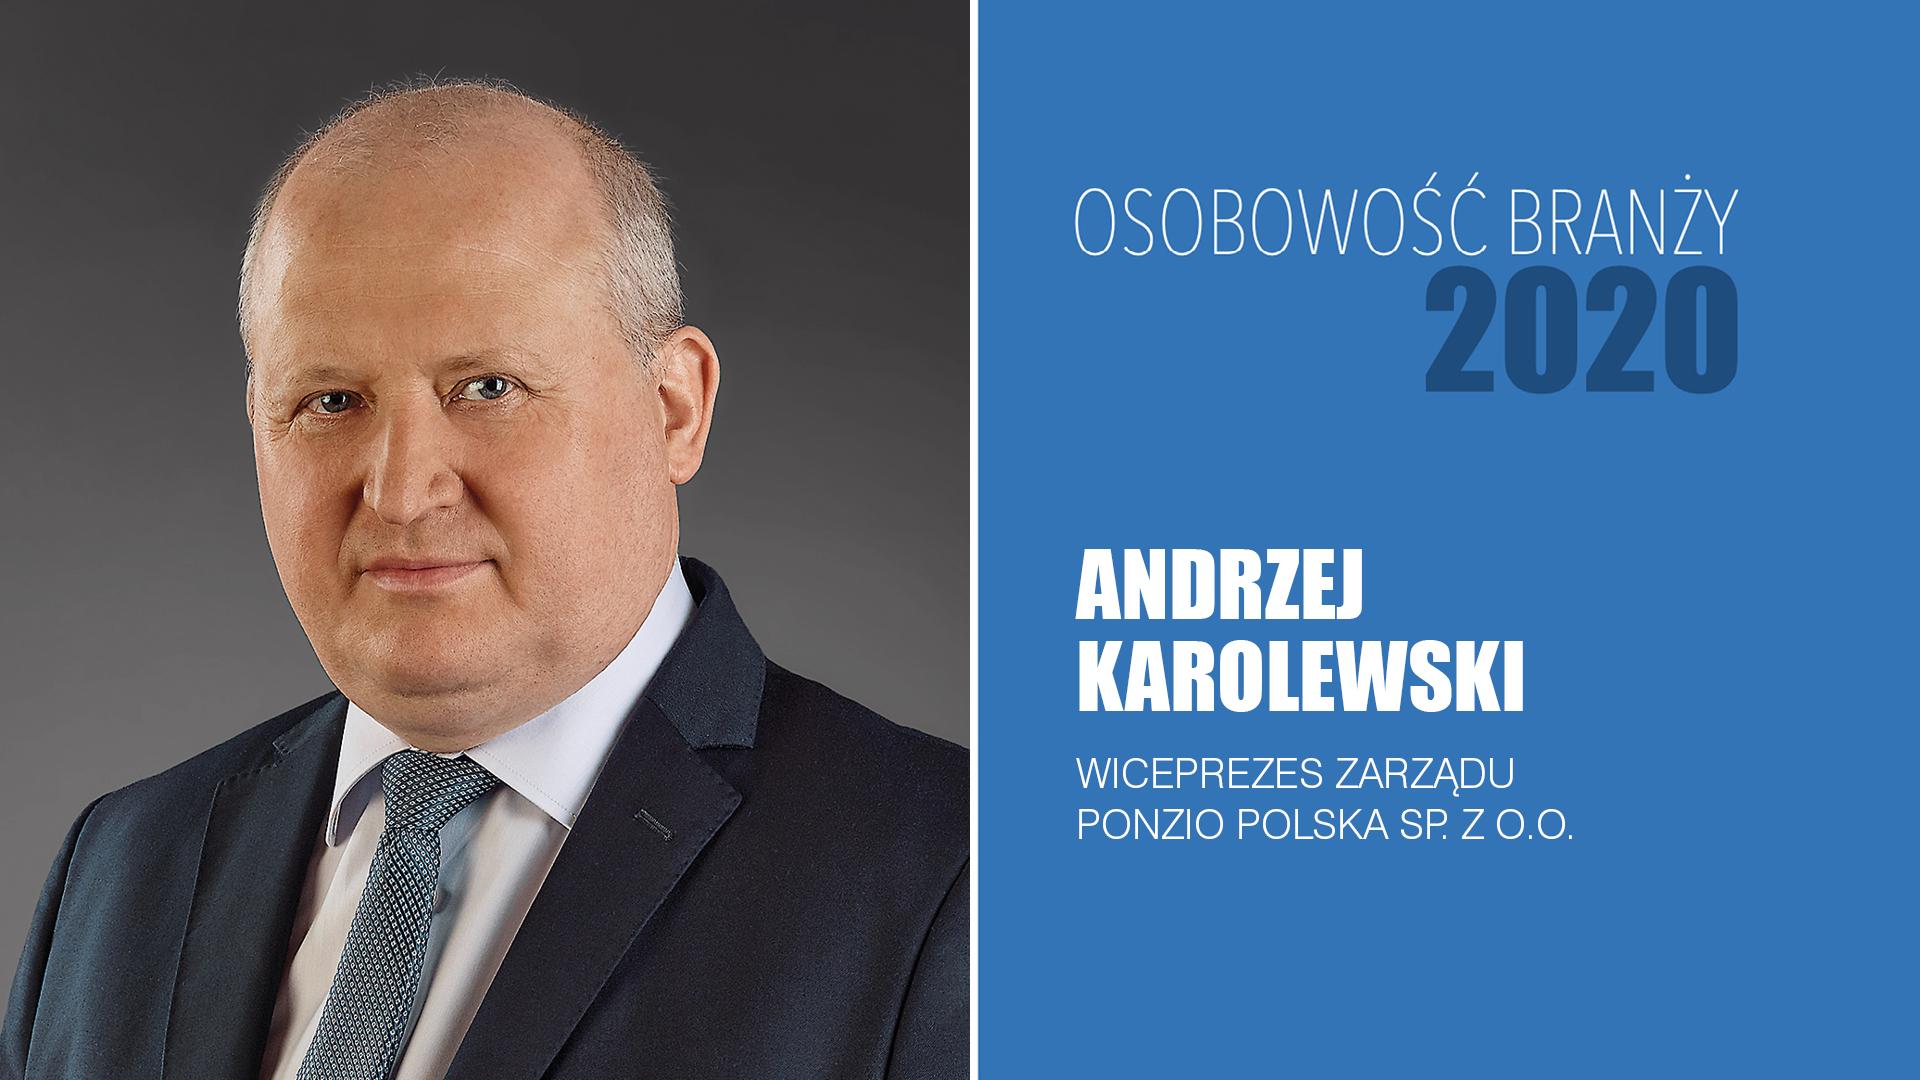 ANDRZEJ KAROLEWSKI – Osobowość Branży 2020